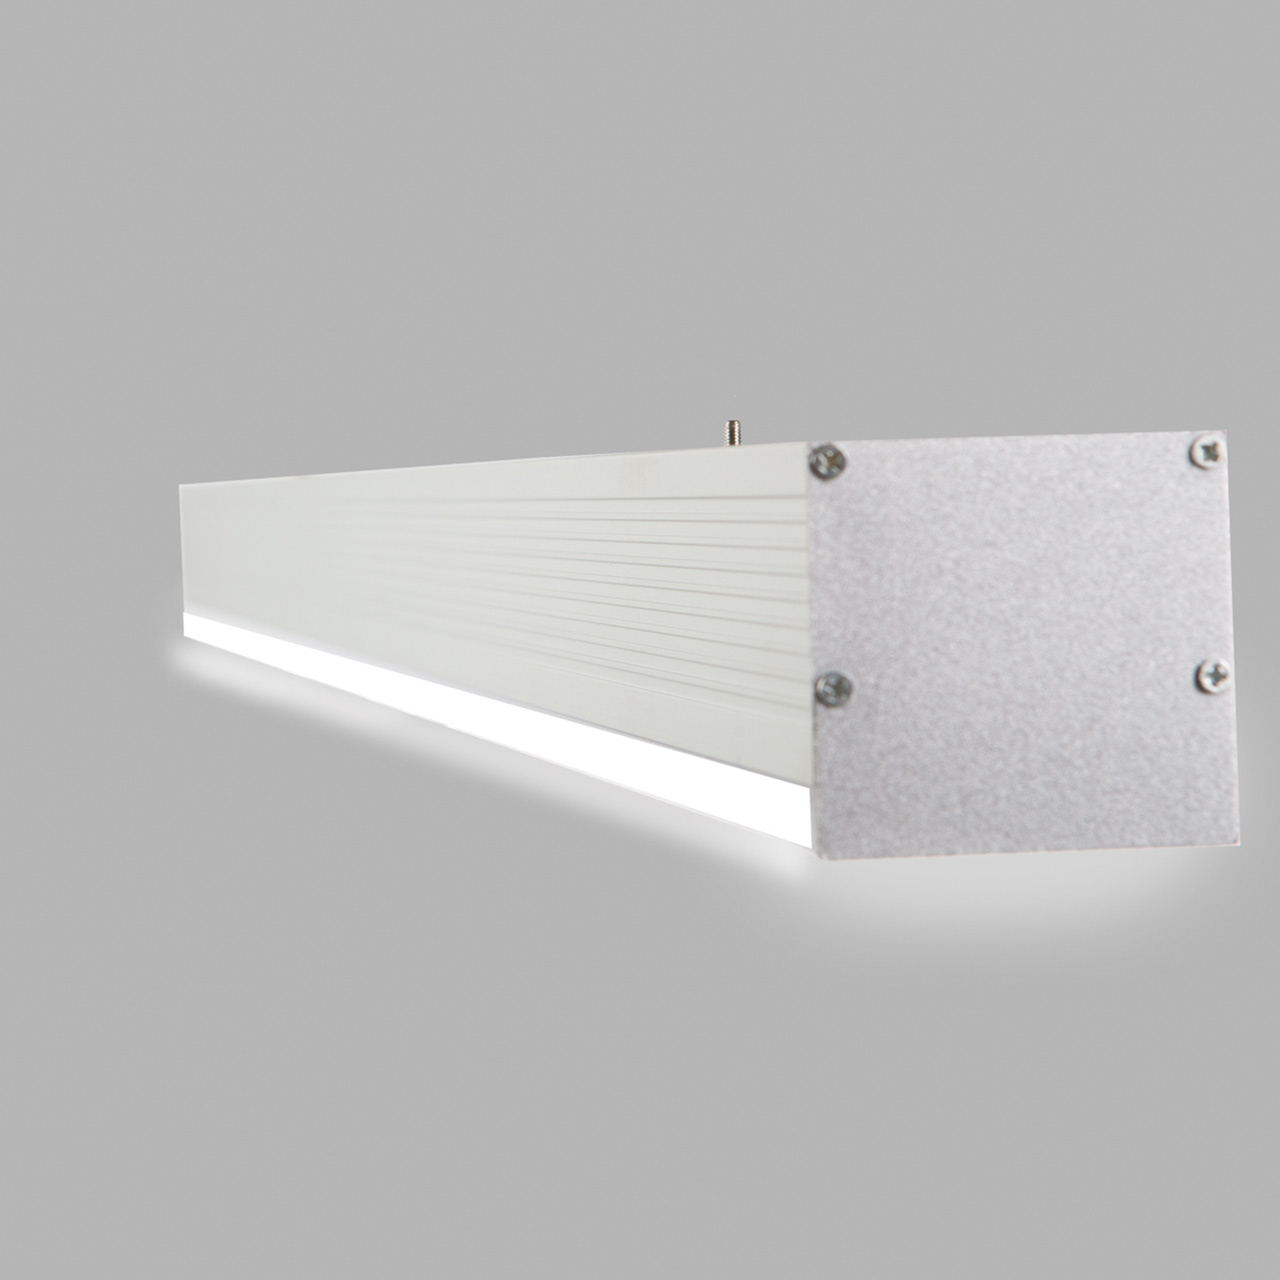 MUVA LED – Balkenleuchte 42 W